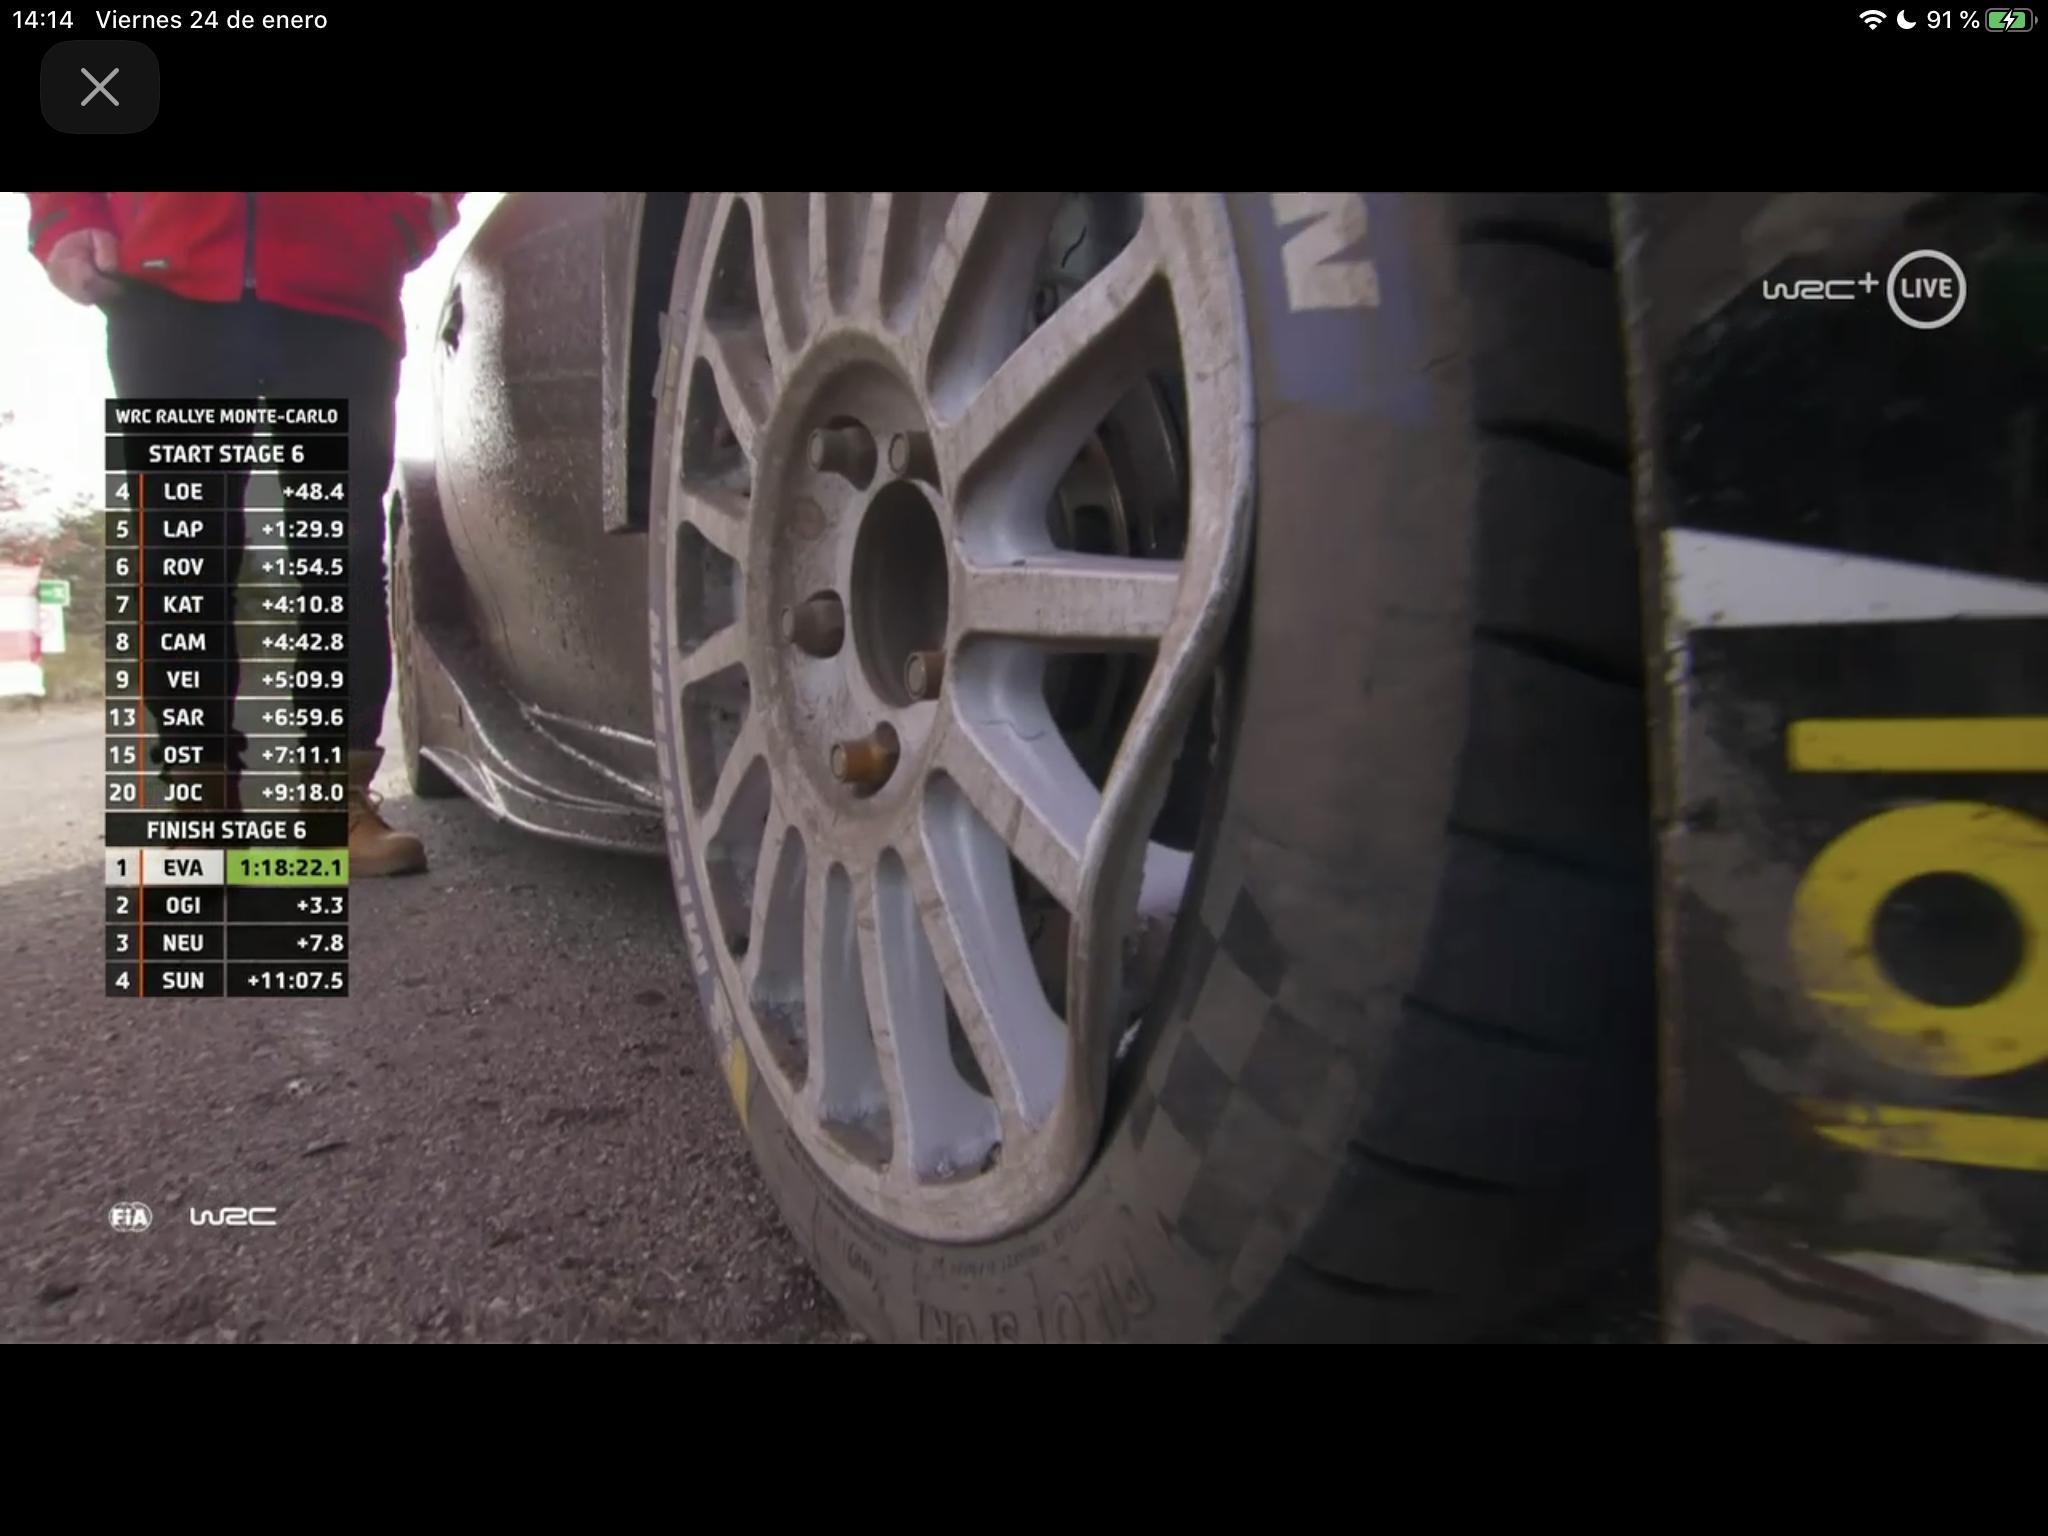 WRC: 88º Rallye Automobile de Monte-Carlo [20-26 de Enero] - Página 9 EPDJOLNWoAMxBCG?format=jpg&name=4096x4096